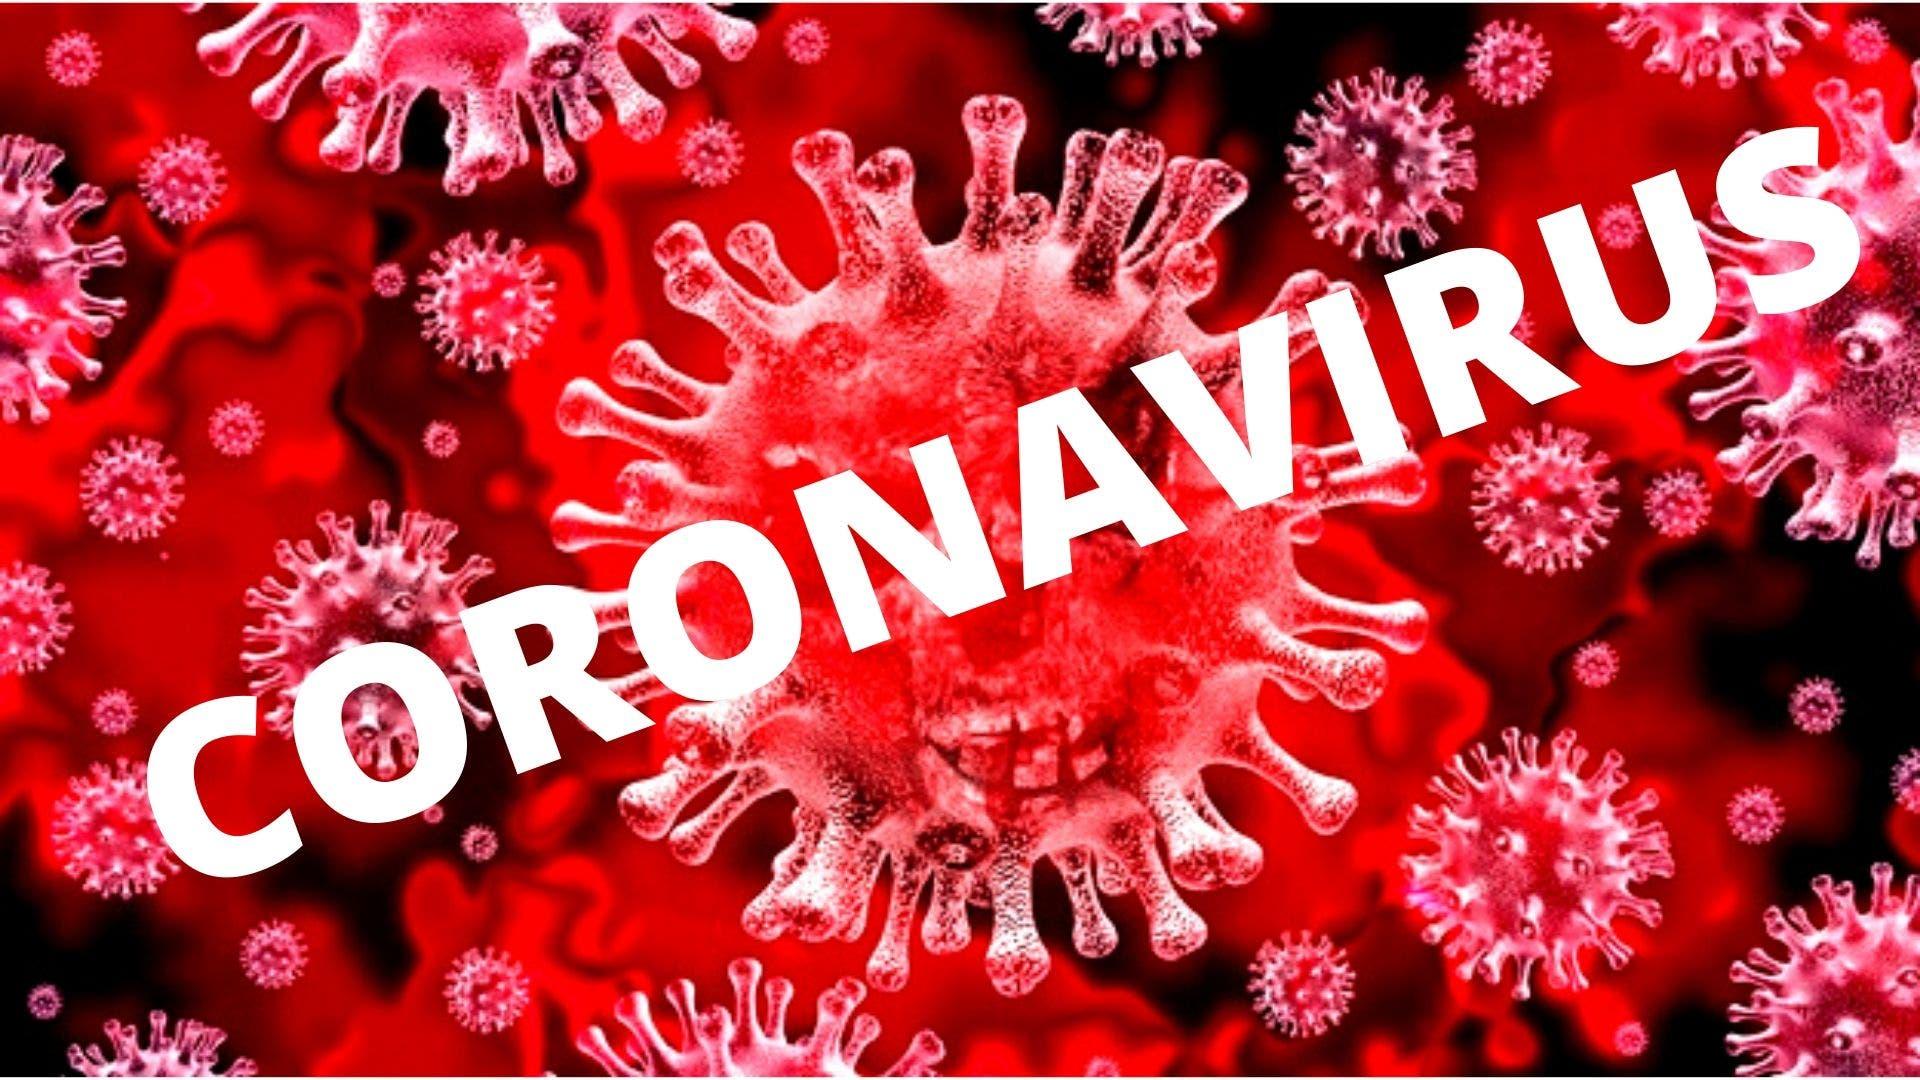 Secția Neurologie a Spitalului Petroșani a fost închisă pentru dezinsecție. O tânără a fost testată pozitiv cu coronavirus